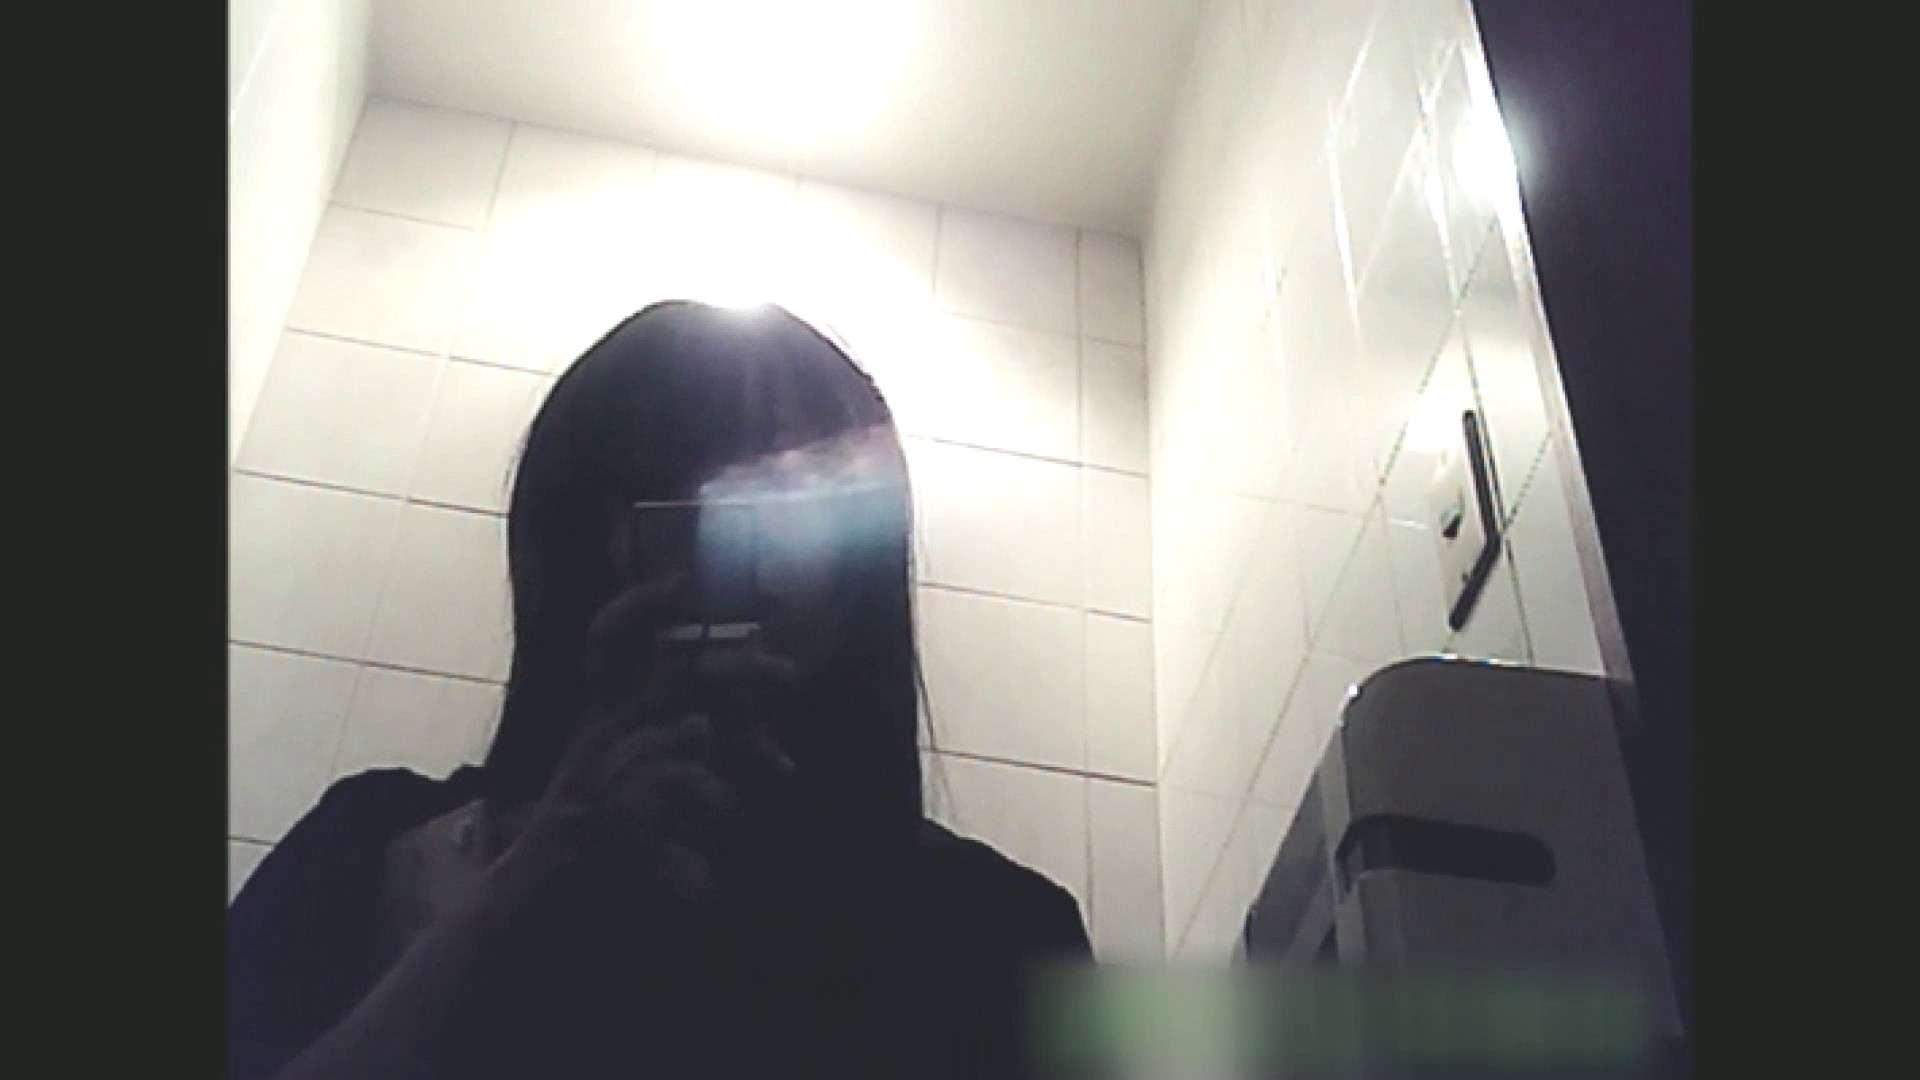 実録!!綺麗なお姉さんのトイレ事情・・・。vol.4 OL  72枚 3